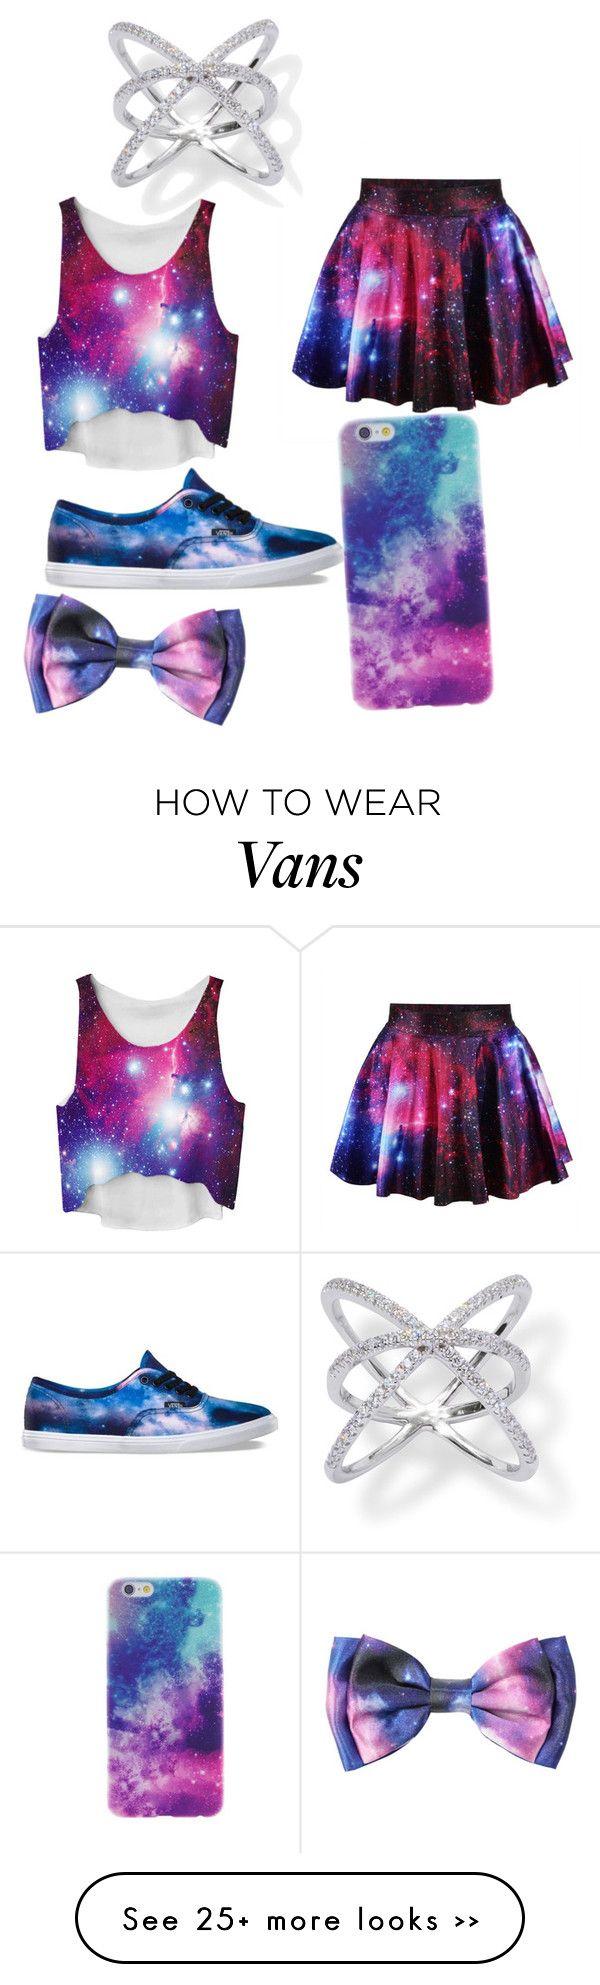 No puedo describir esta maravillosa pieza de arte de ropa galaxy.